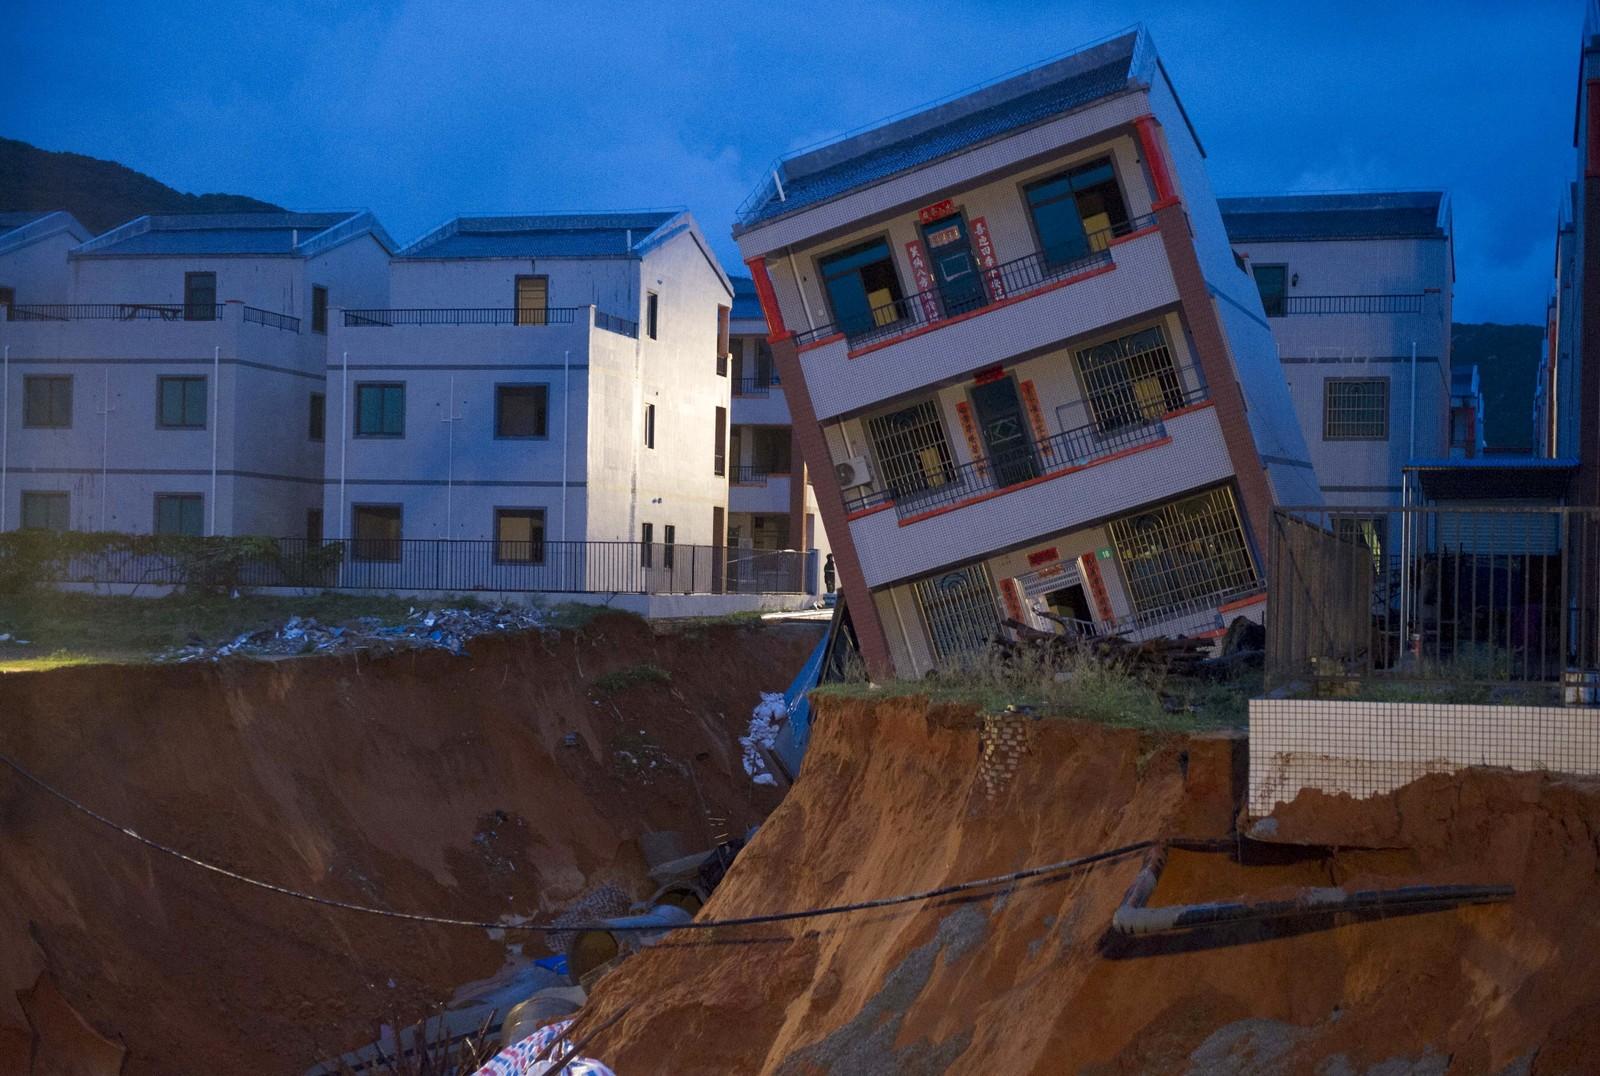 Kraftig regn i forbindelse med tyfonen Vamco gjorde store skader i Hainan-provinsen i Kina. Her fra Lingshui Ethnic Li Autonomous County 14. september.